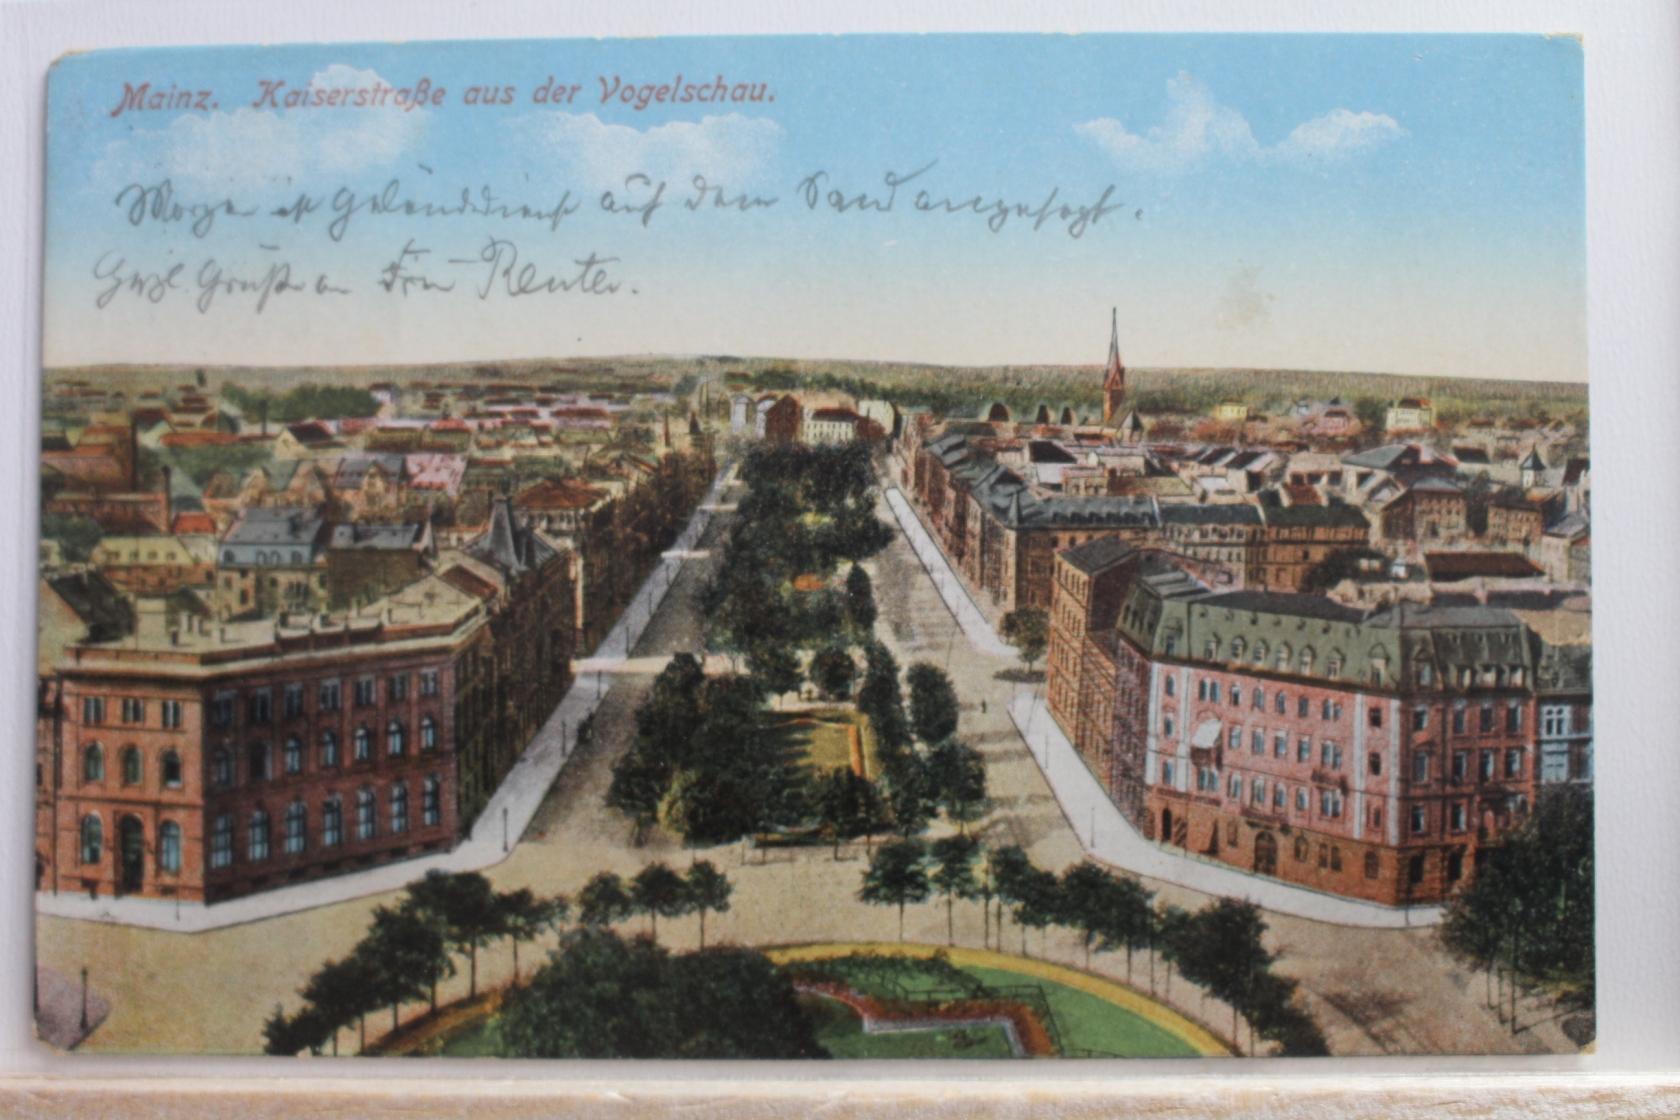 Marktplatz Aus Der Vogelschau 1914 Ak Amberg Sammeln & Seltenes Ansichtskarten